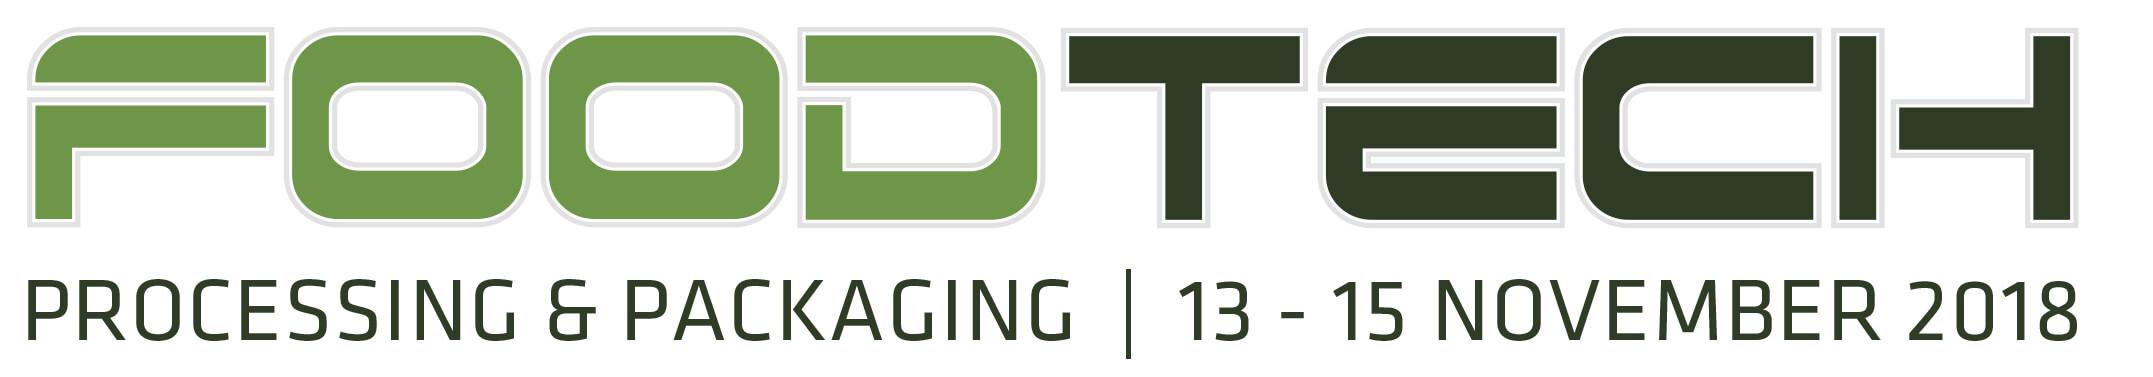 FT18_logo_lang_m_payoff_dato_UK_SIT